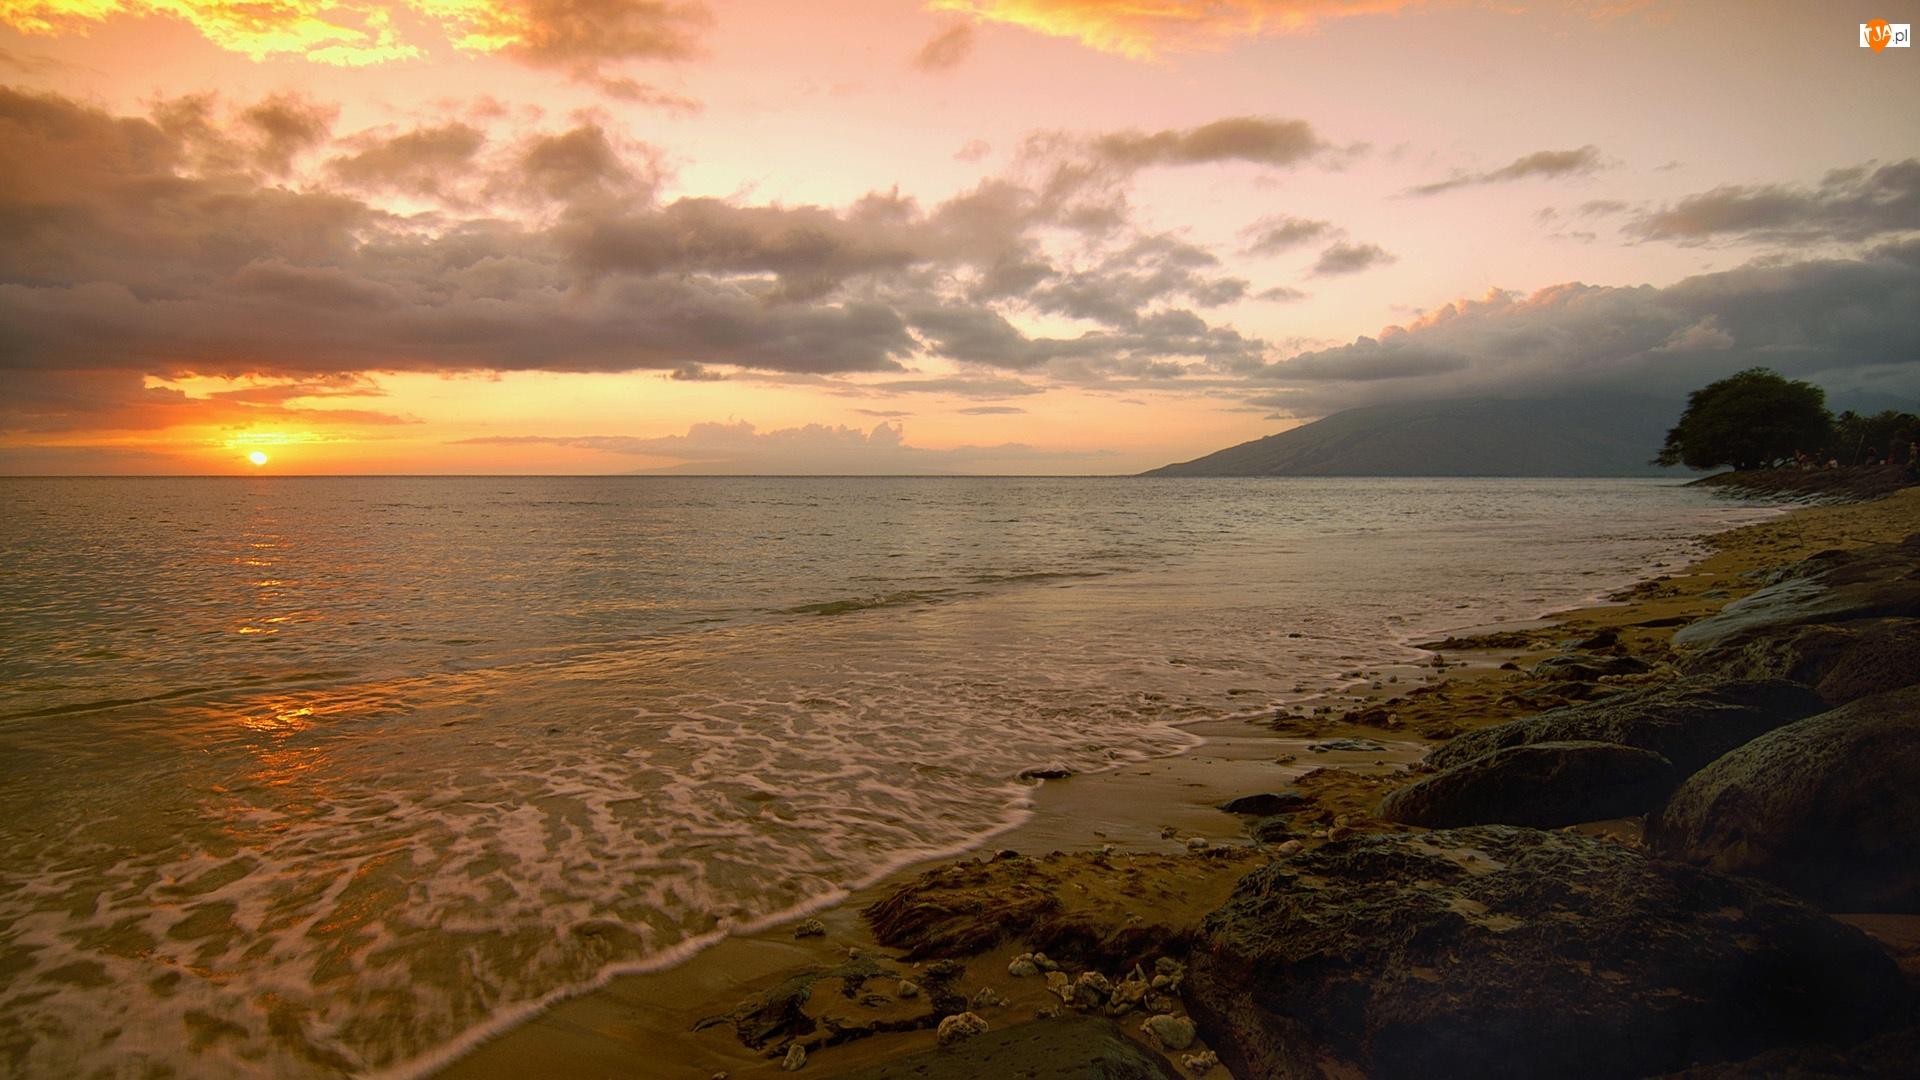 Plaża, Zachód Słońca, Morze, Wybrzeże